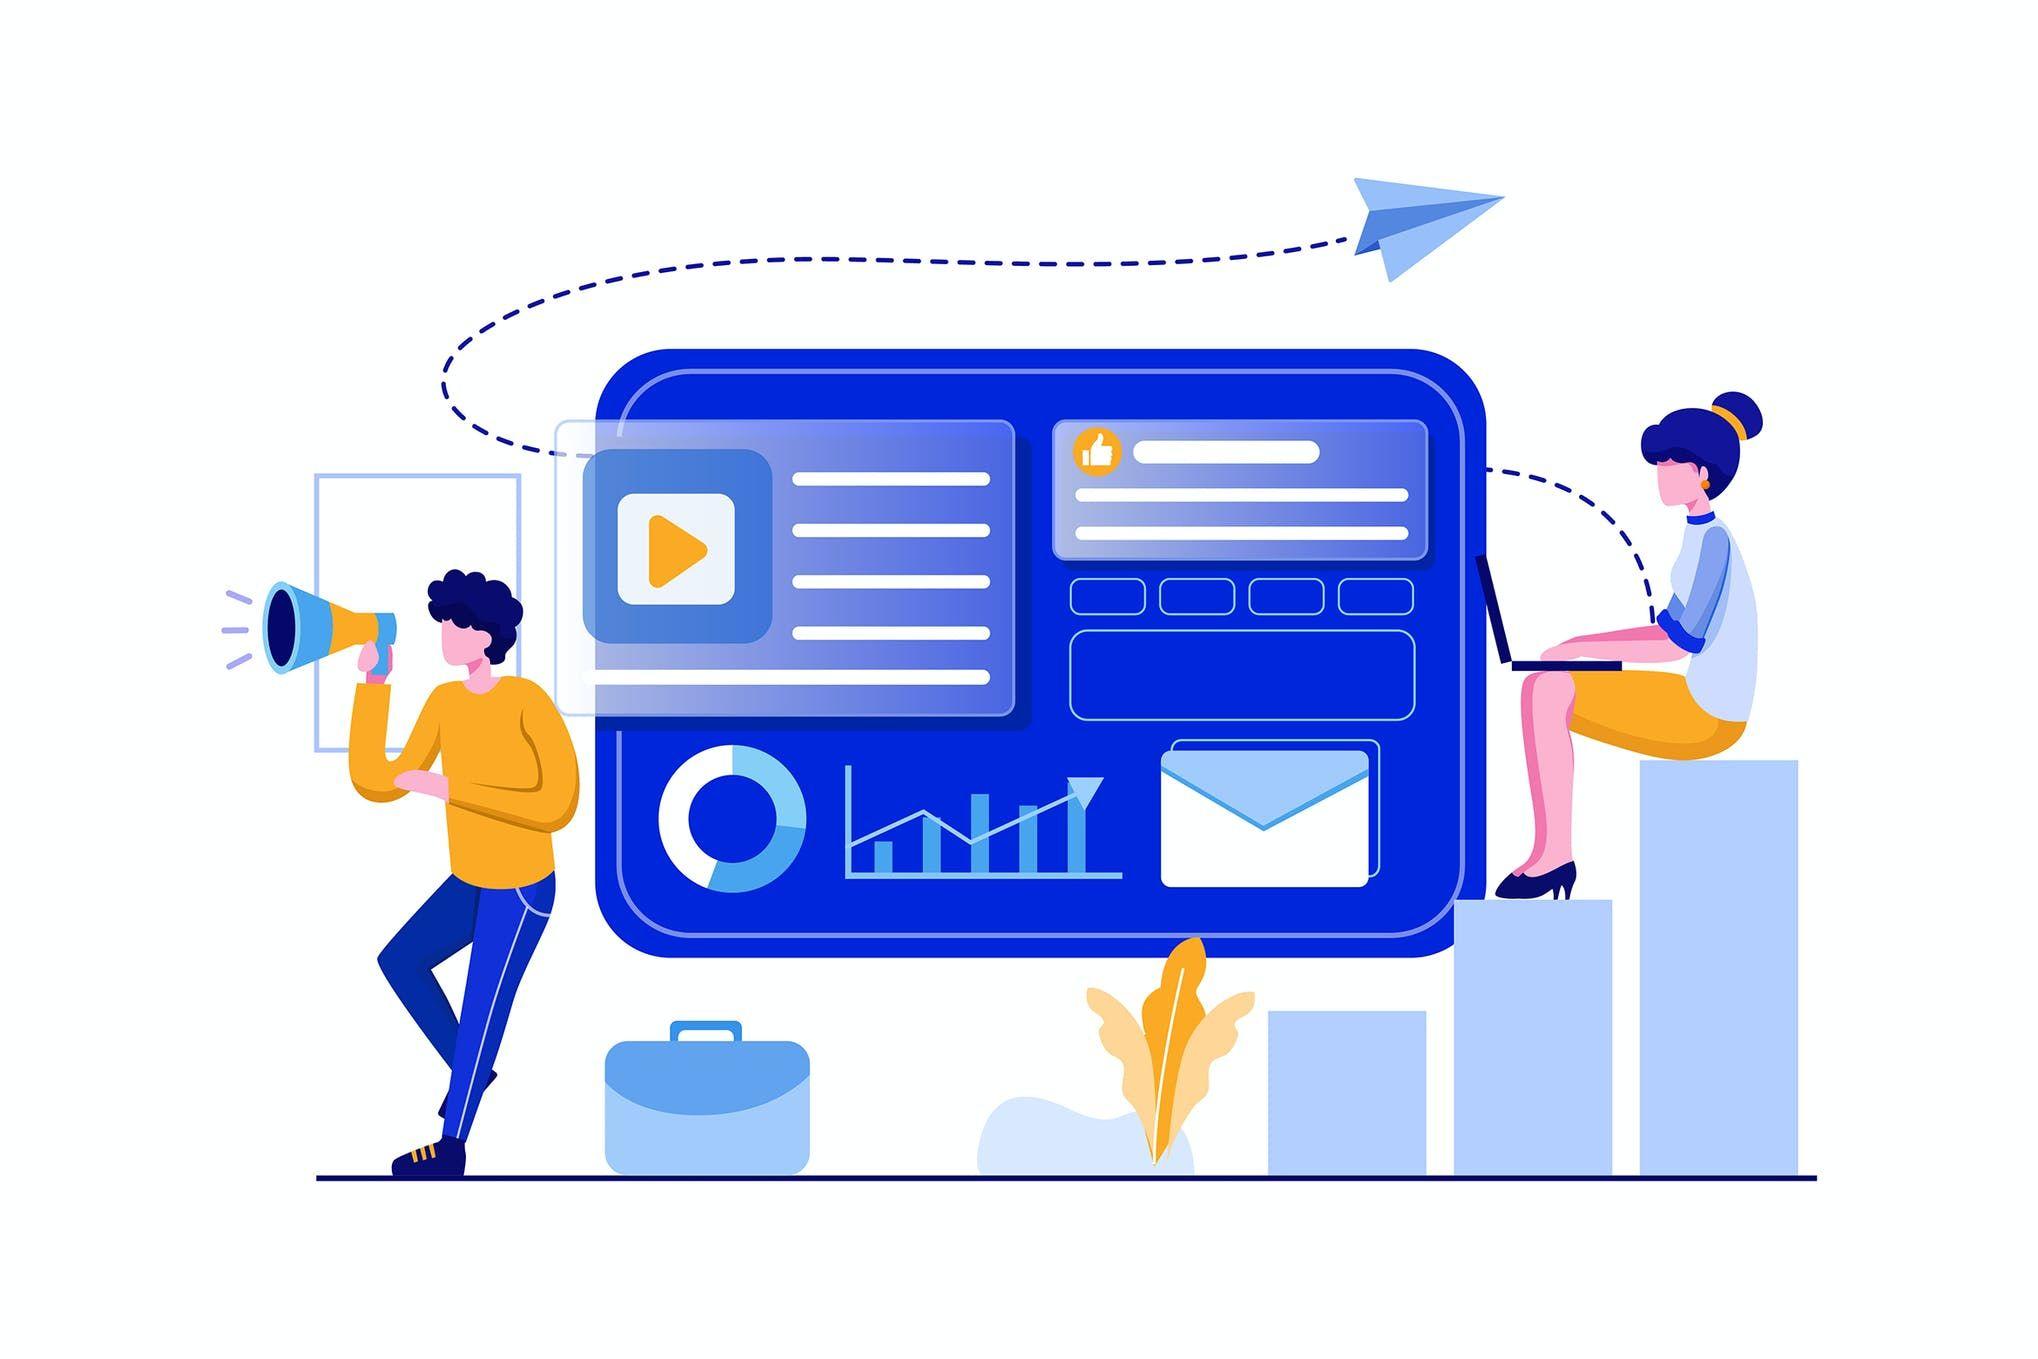 online digital marketing team vector illustration in 2020 online digital marketing digital marketing vector illustration online digital marketing team vector